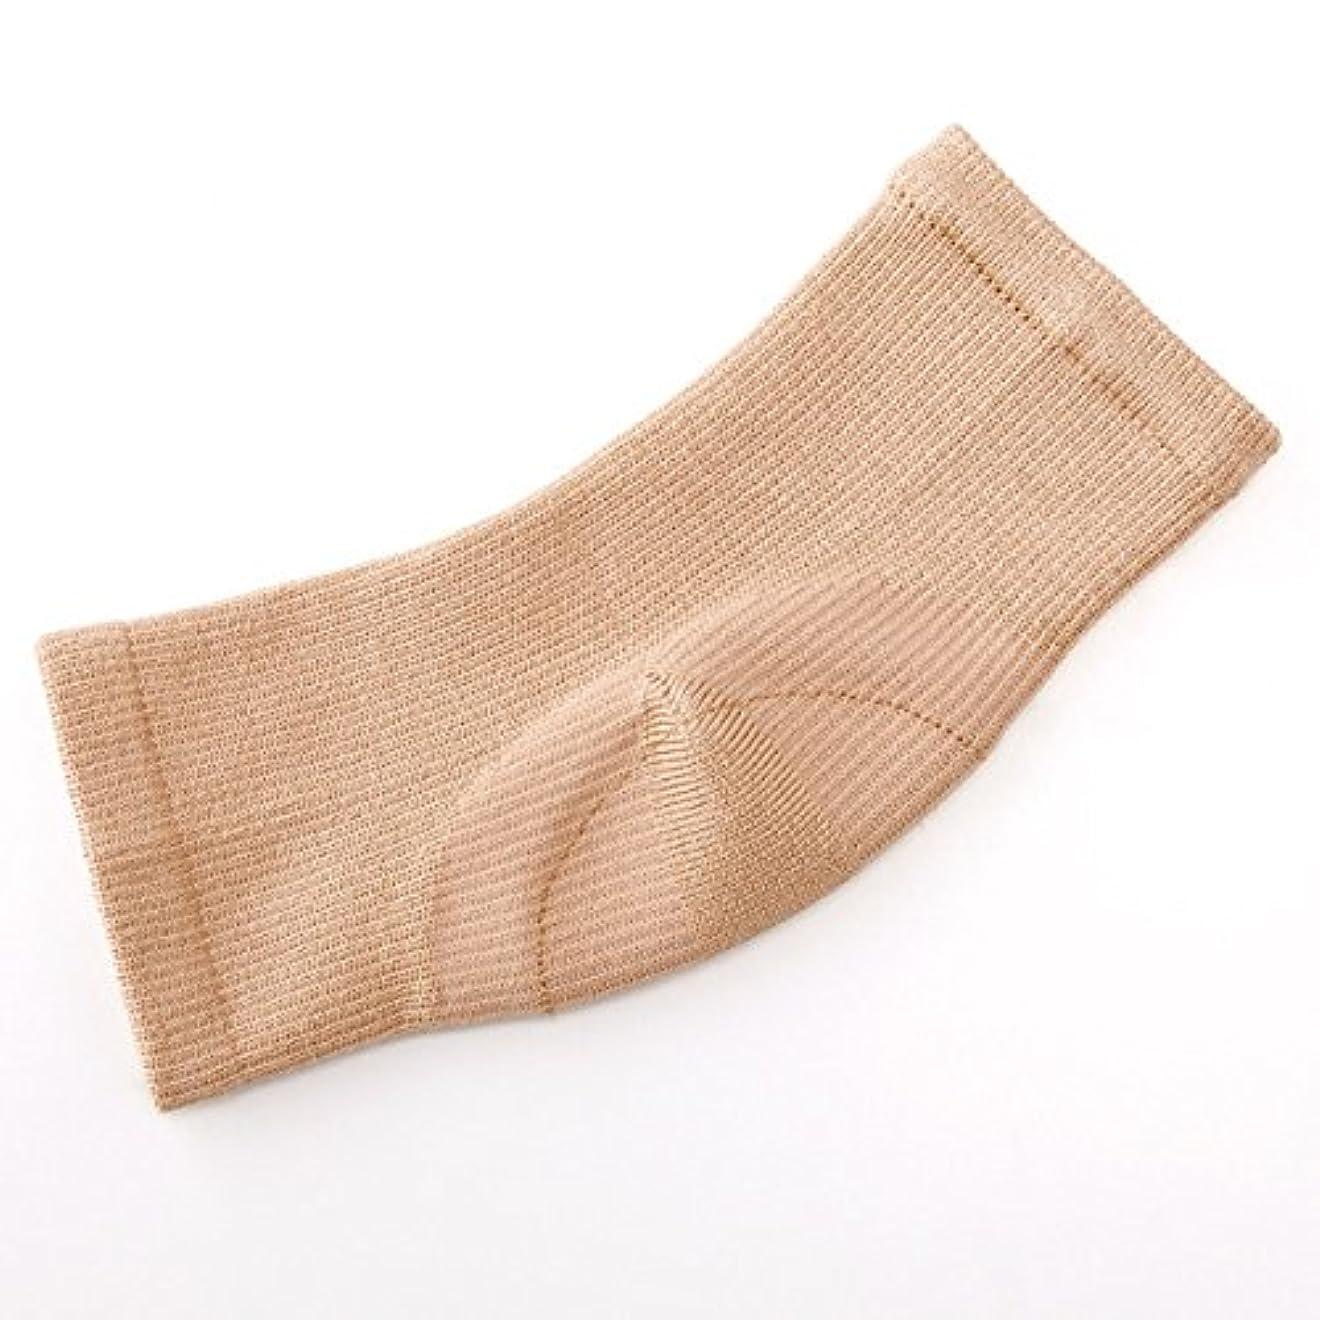 シルク混かかと足裏つるるん シルク混 フットカバー かかと 保湿 フットケア 靴下